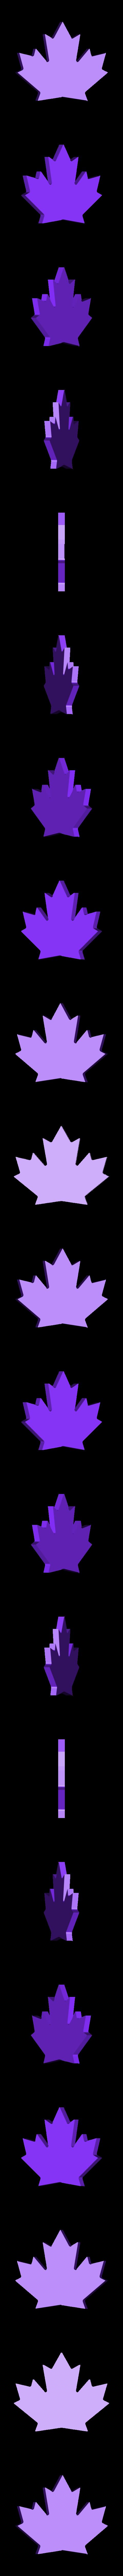 stick_red.STL Télécharger fichier STL gratuit Canada Party Party Pack • Design à imprimer en 3D, MosaicManufacturing